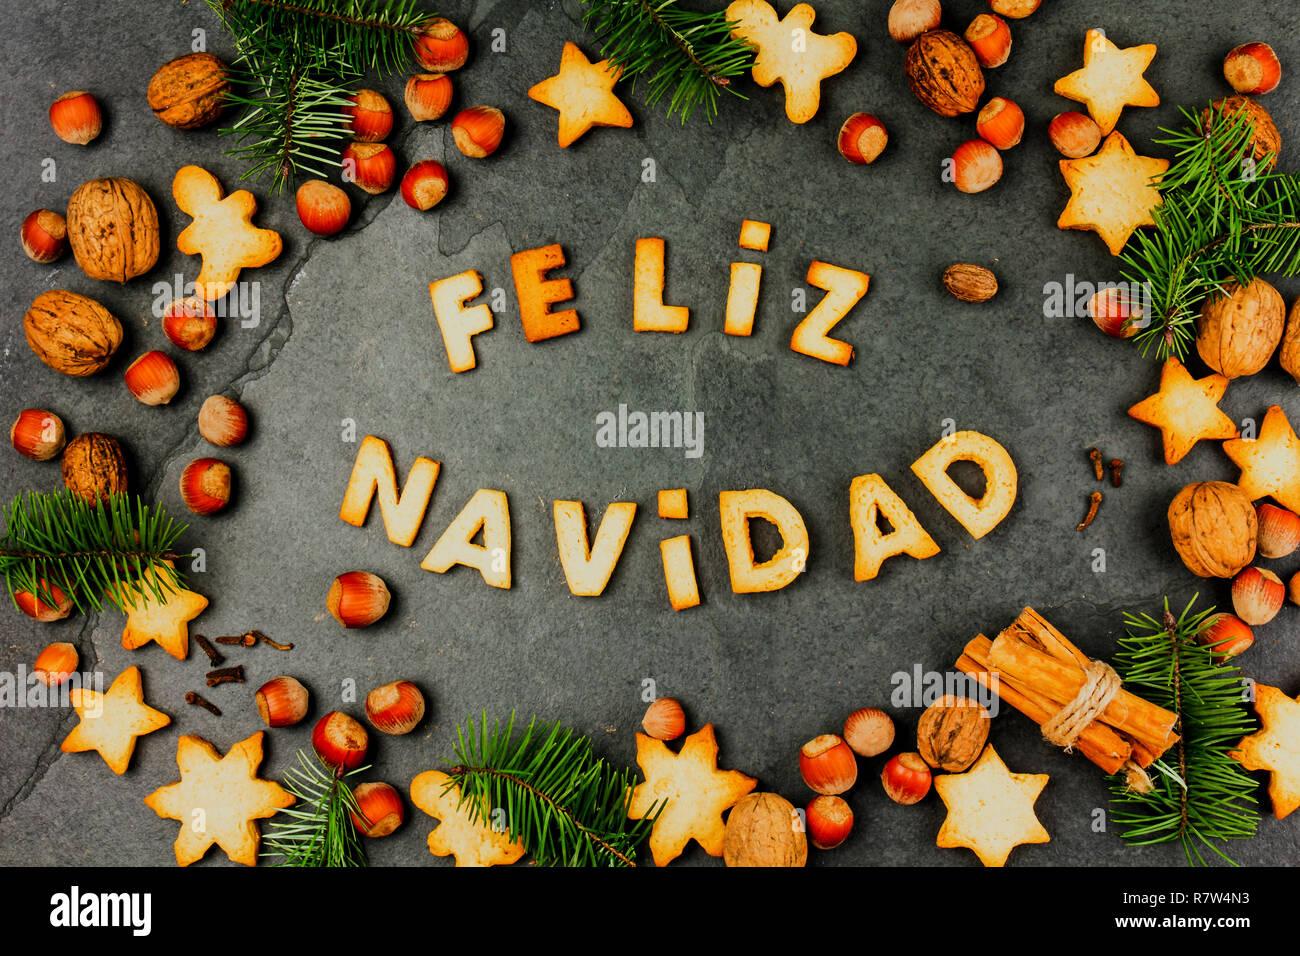 Buon Natale In Spagnolo.Feliz Navidad I Cookie Parole Buon Natale En Spagnolo Con Biscotti Decorazione Di Natale E I Dadi Sul Nero Ardesia Sfondo Scheda Di Natale Per I Paesi Di Origine Ispanica Vista Superiore